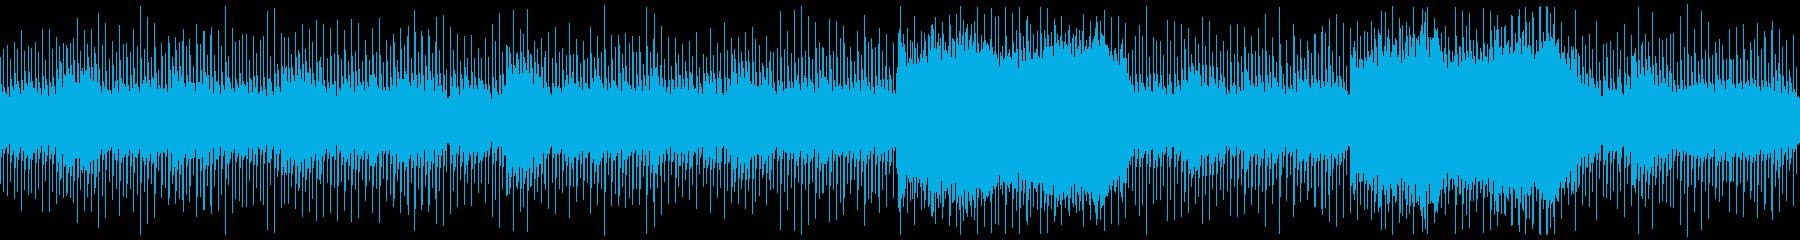 ホラー/オルゴール/緊張感/謎ミステリーの再生済みの波形